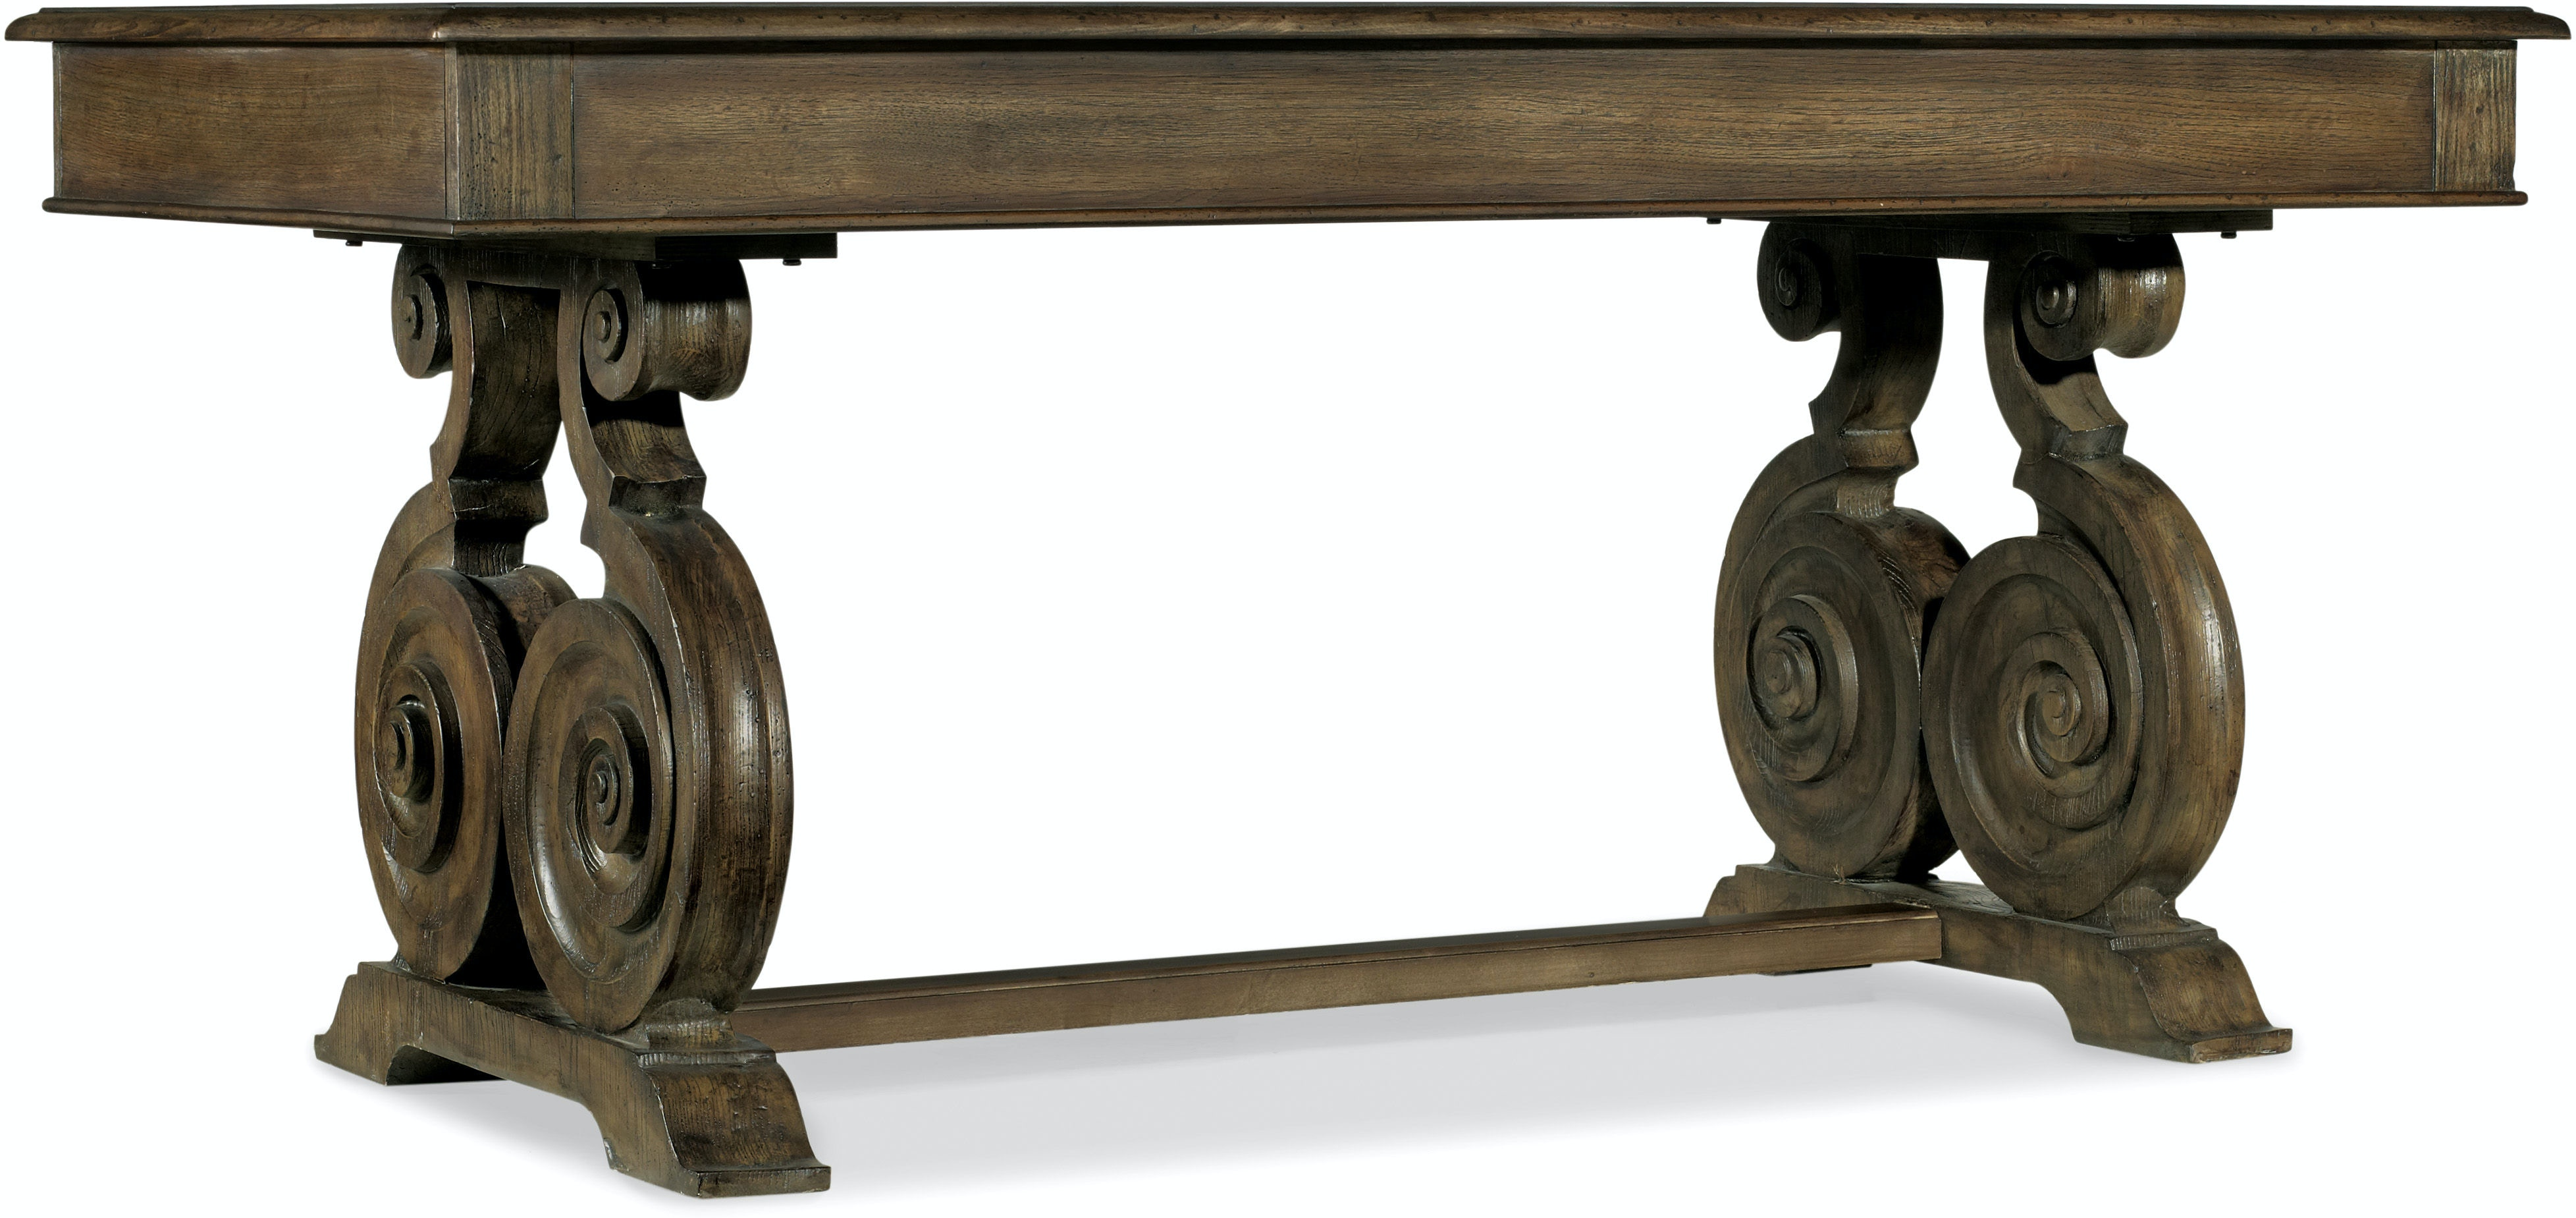 Hooker Furniture Home Office Rhapsody Writing Desk 5070 10459